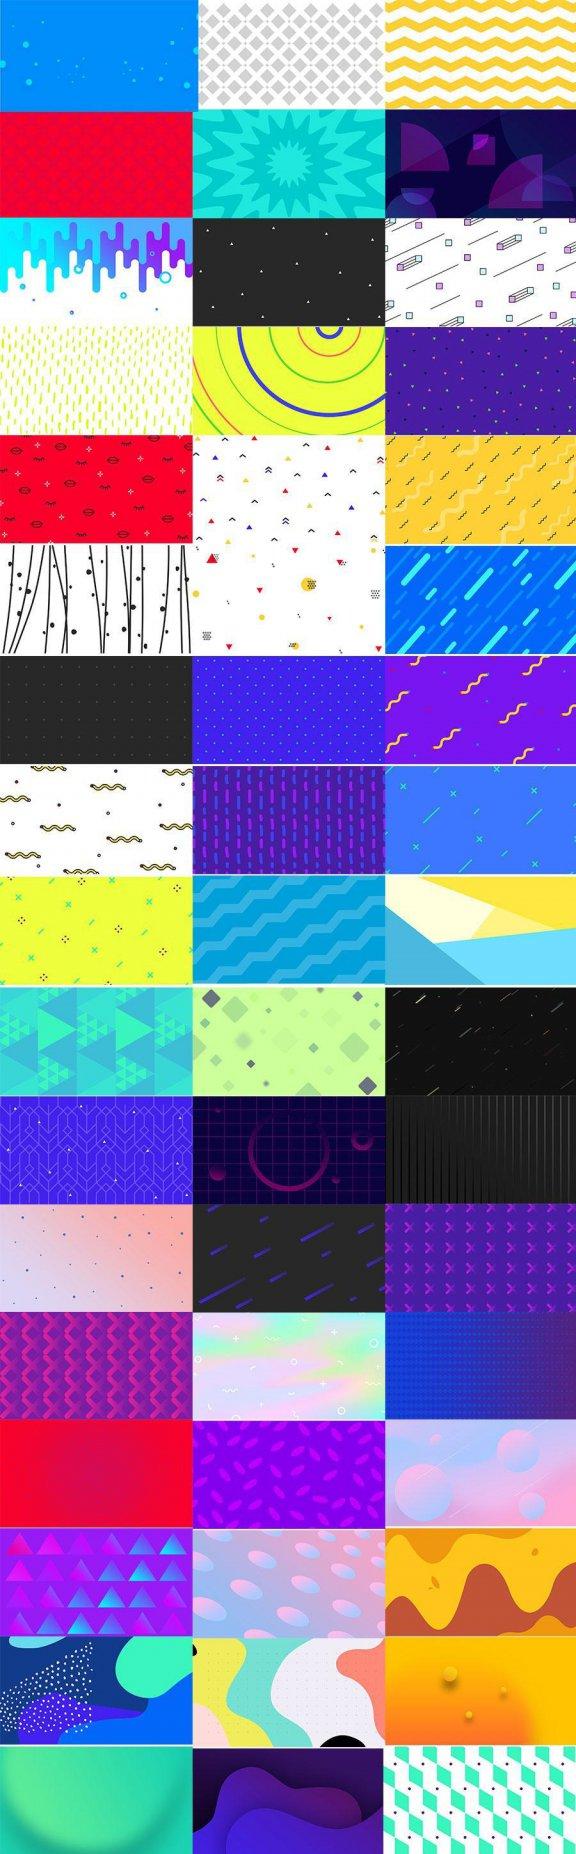 第125期 100款几何背景创意背景banner轮播图潮流趣味炫酷UI设计素材纹理